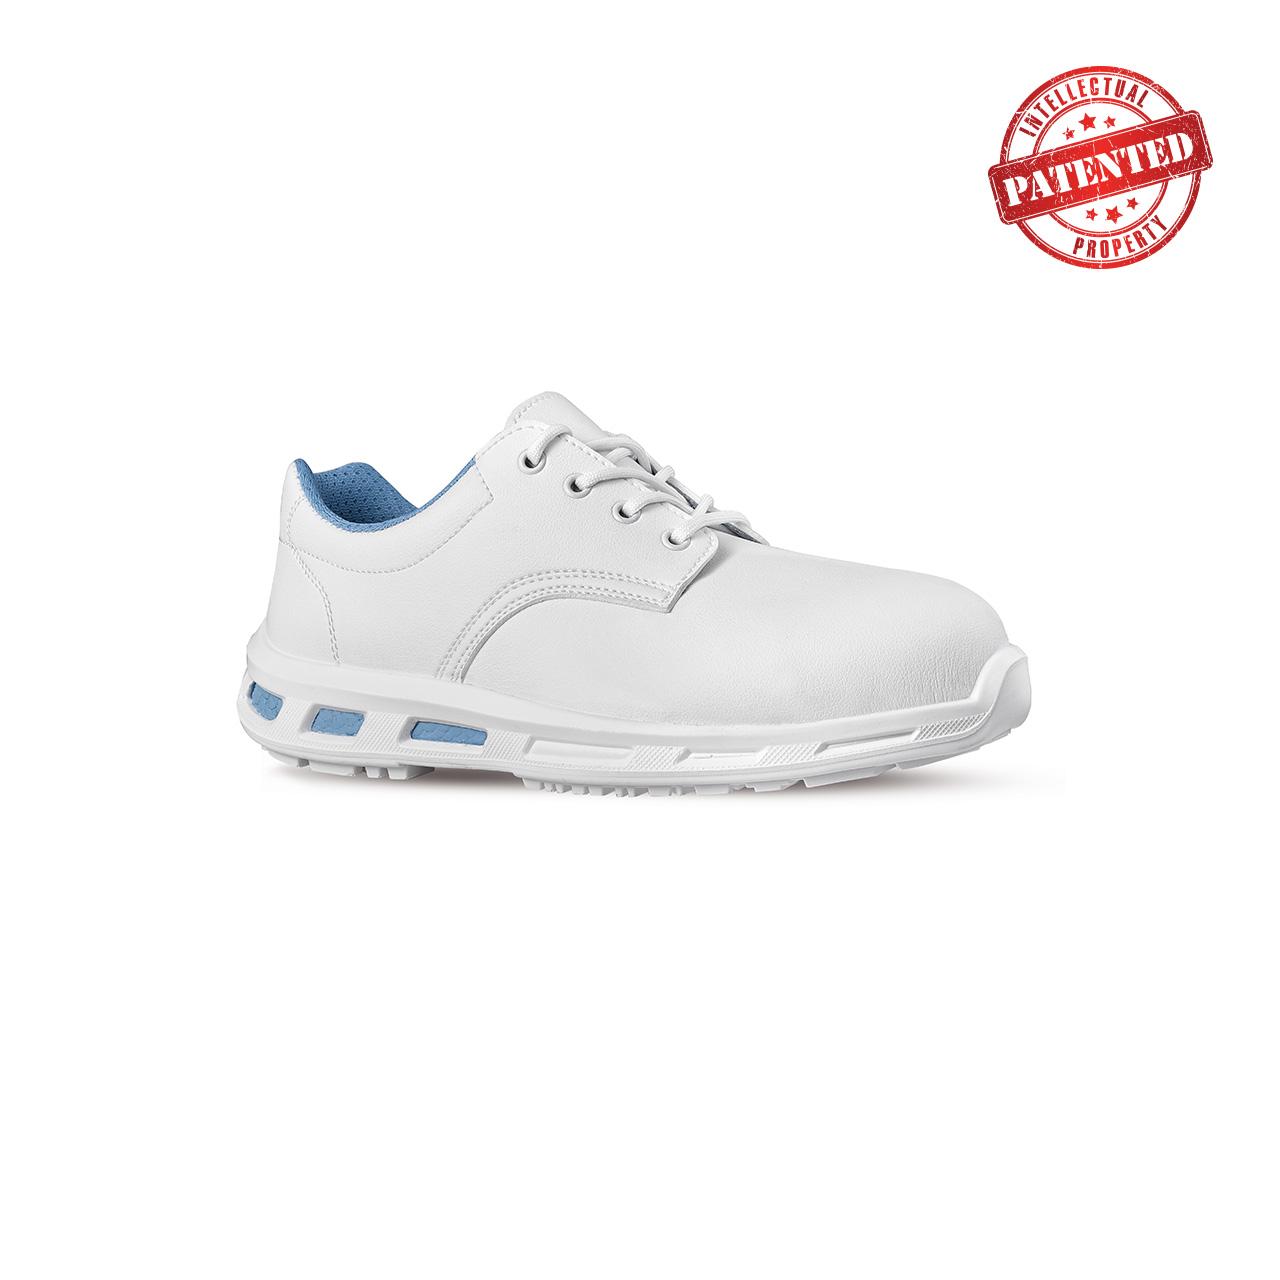 scarpa antinfortunistica upower modello zelda linea redlion vista laterale